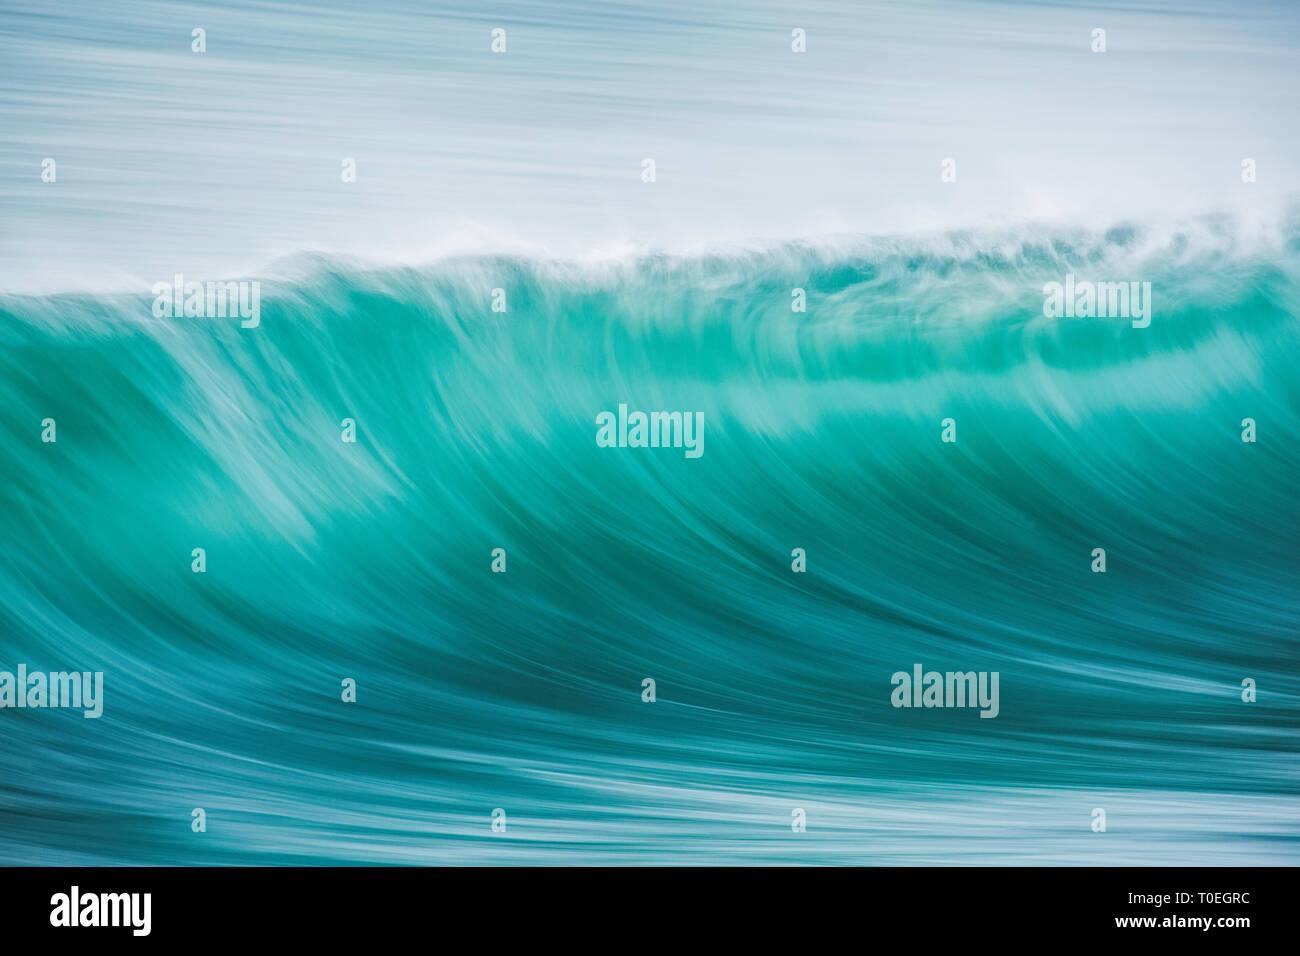 Eine Welle im türkisfarbenen Wasser der Äußeren Hebriden, Schottland Stockbild